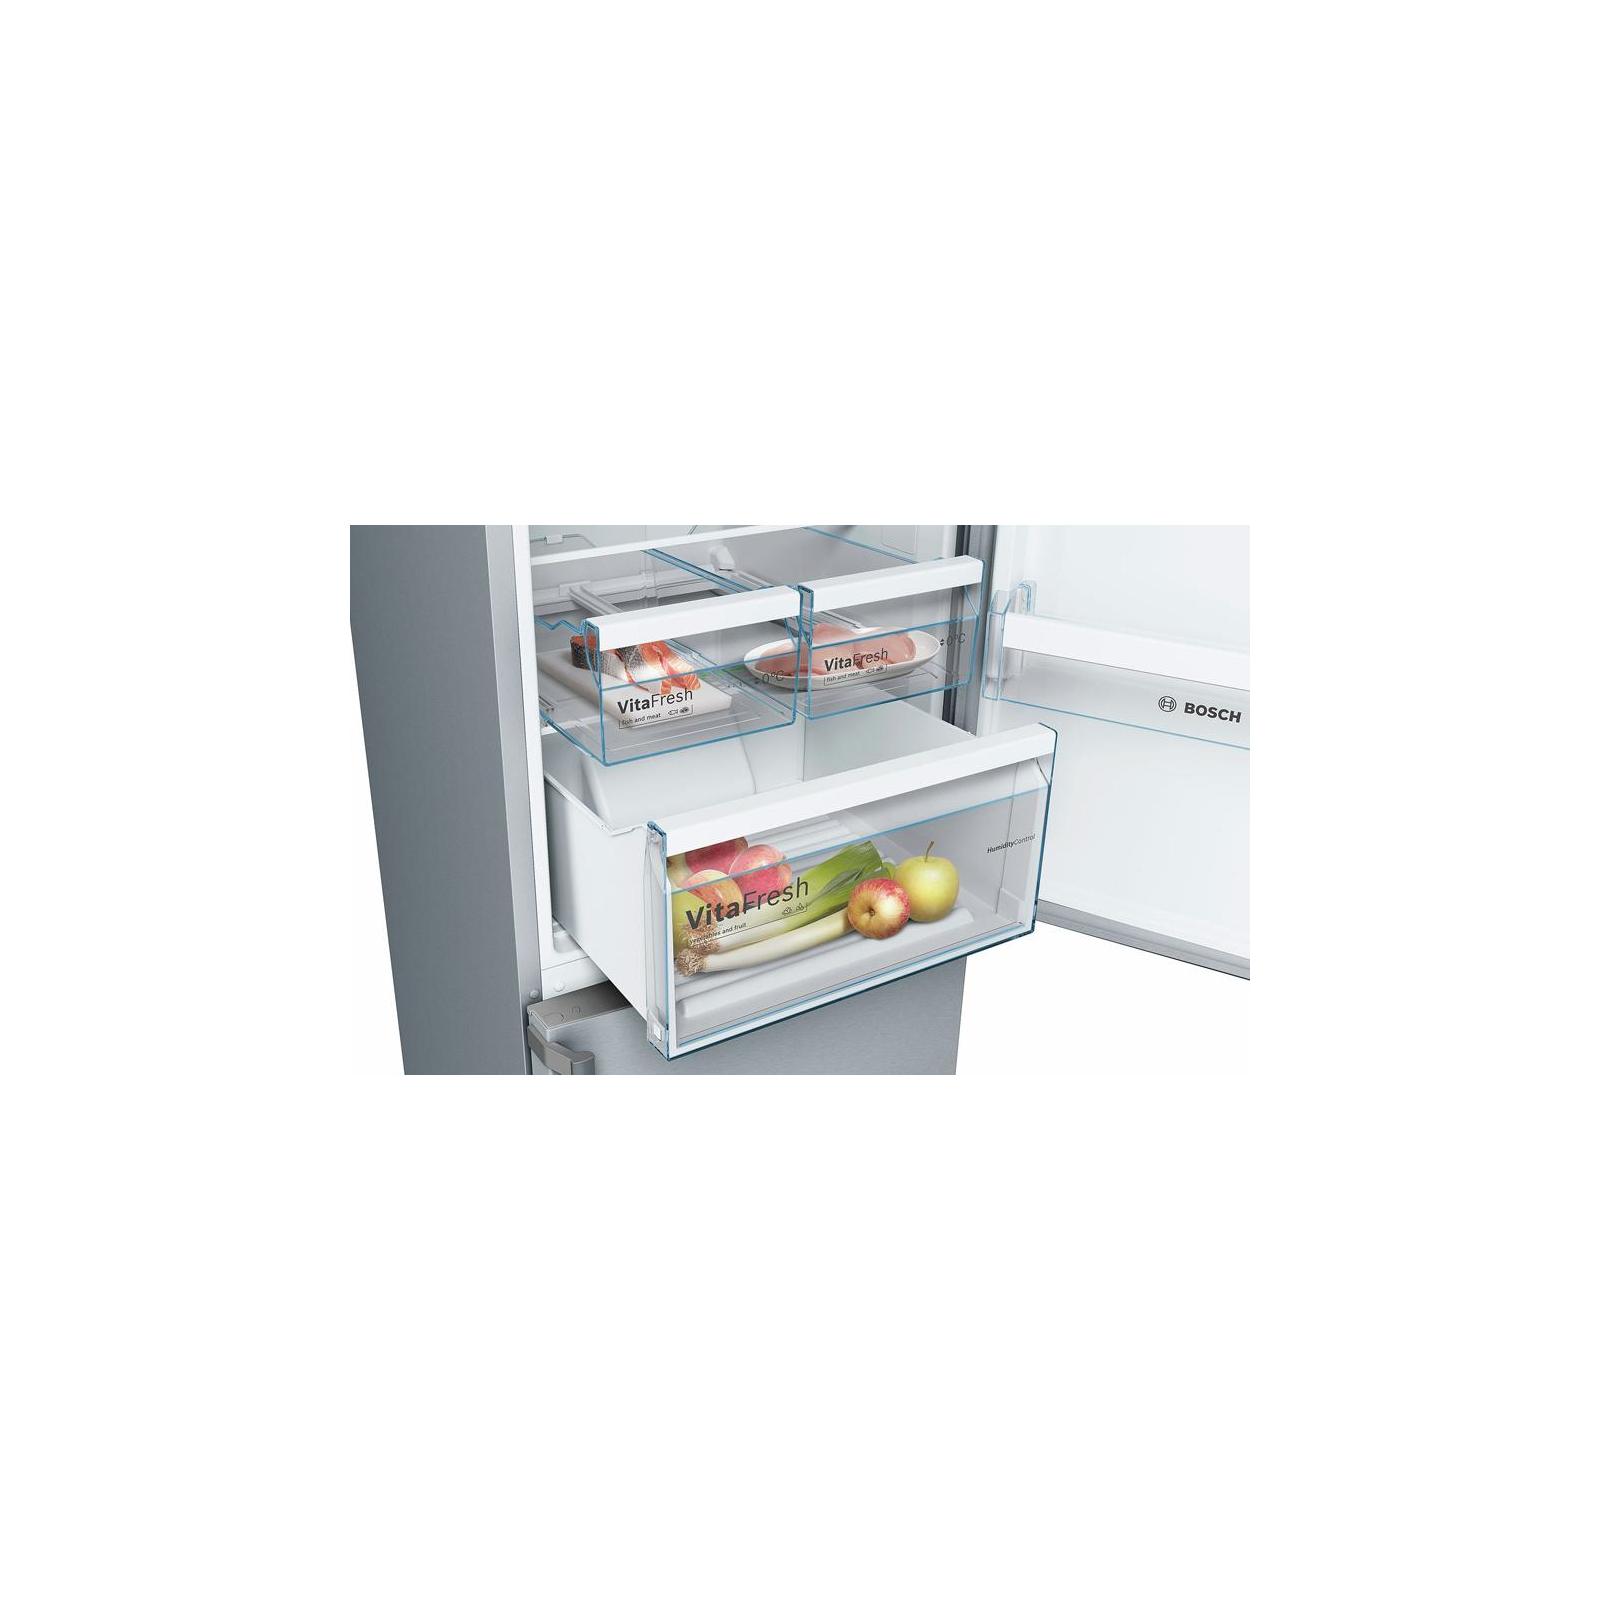 Холодильник BOSCH HA KGN39XI316 изображение 3